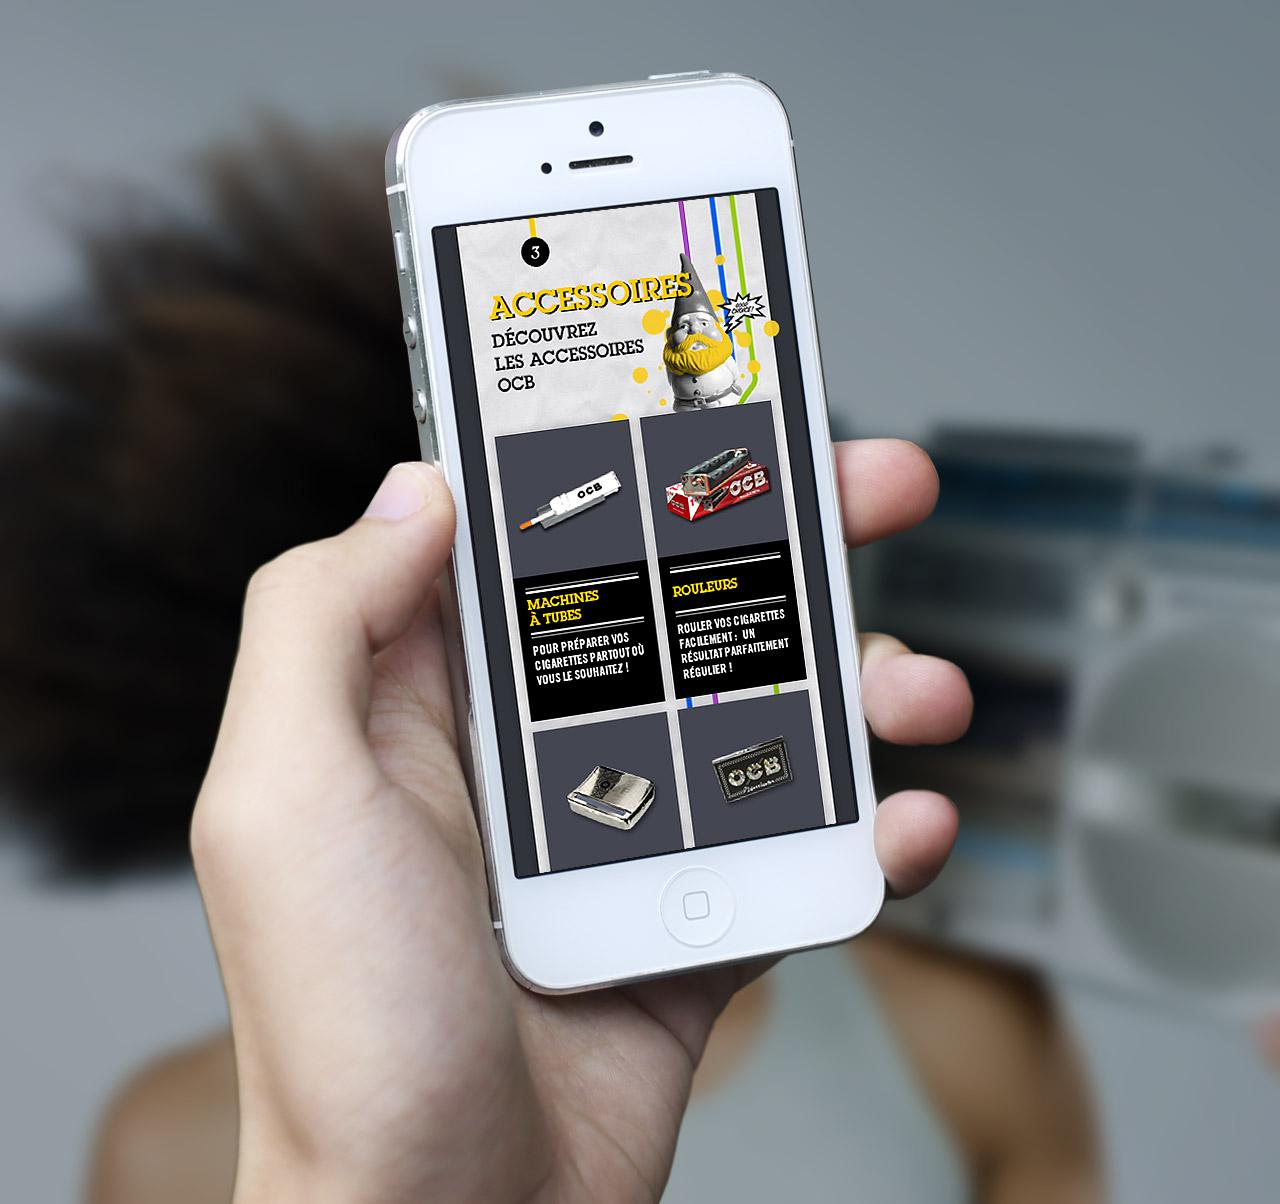 ocb-site-mobile-page-accessoires-creation-communication-caconcept-alexis-cretin-graphiste